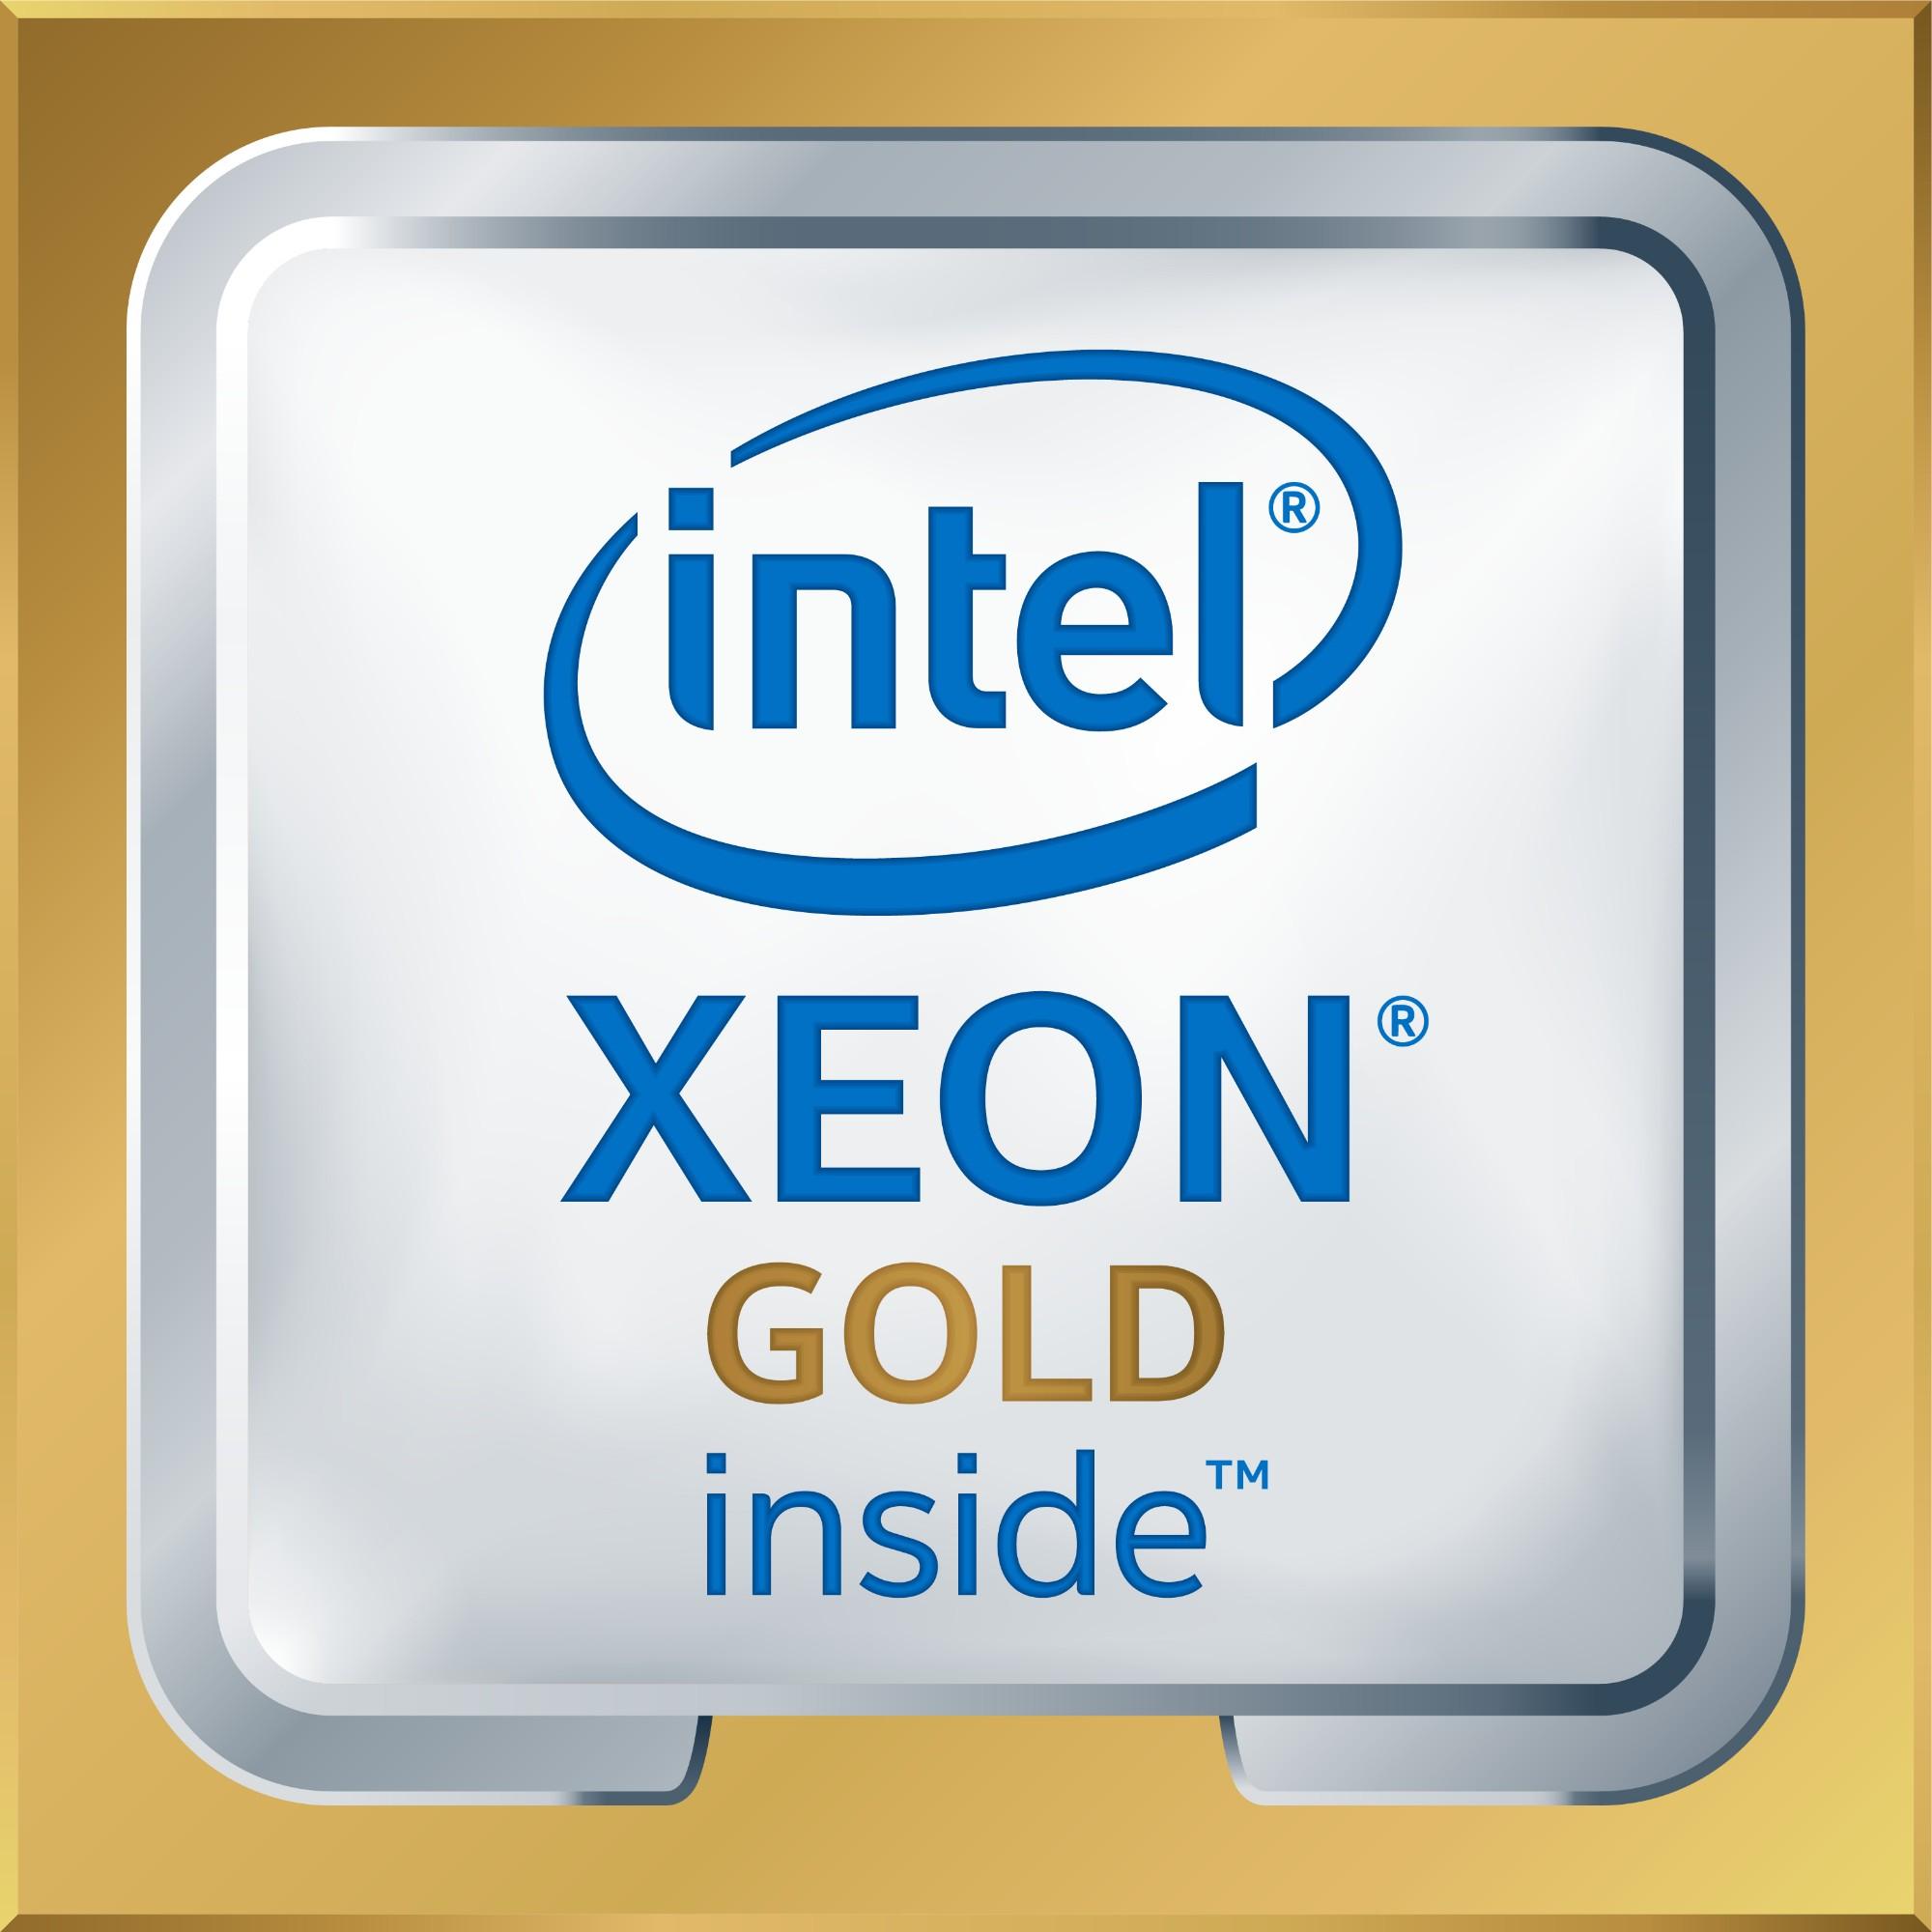 Intel Xeon 6128 processor 3.40 GHz 19.3 MB L3